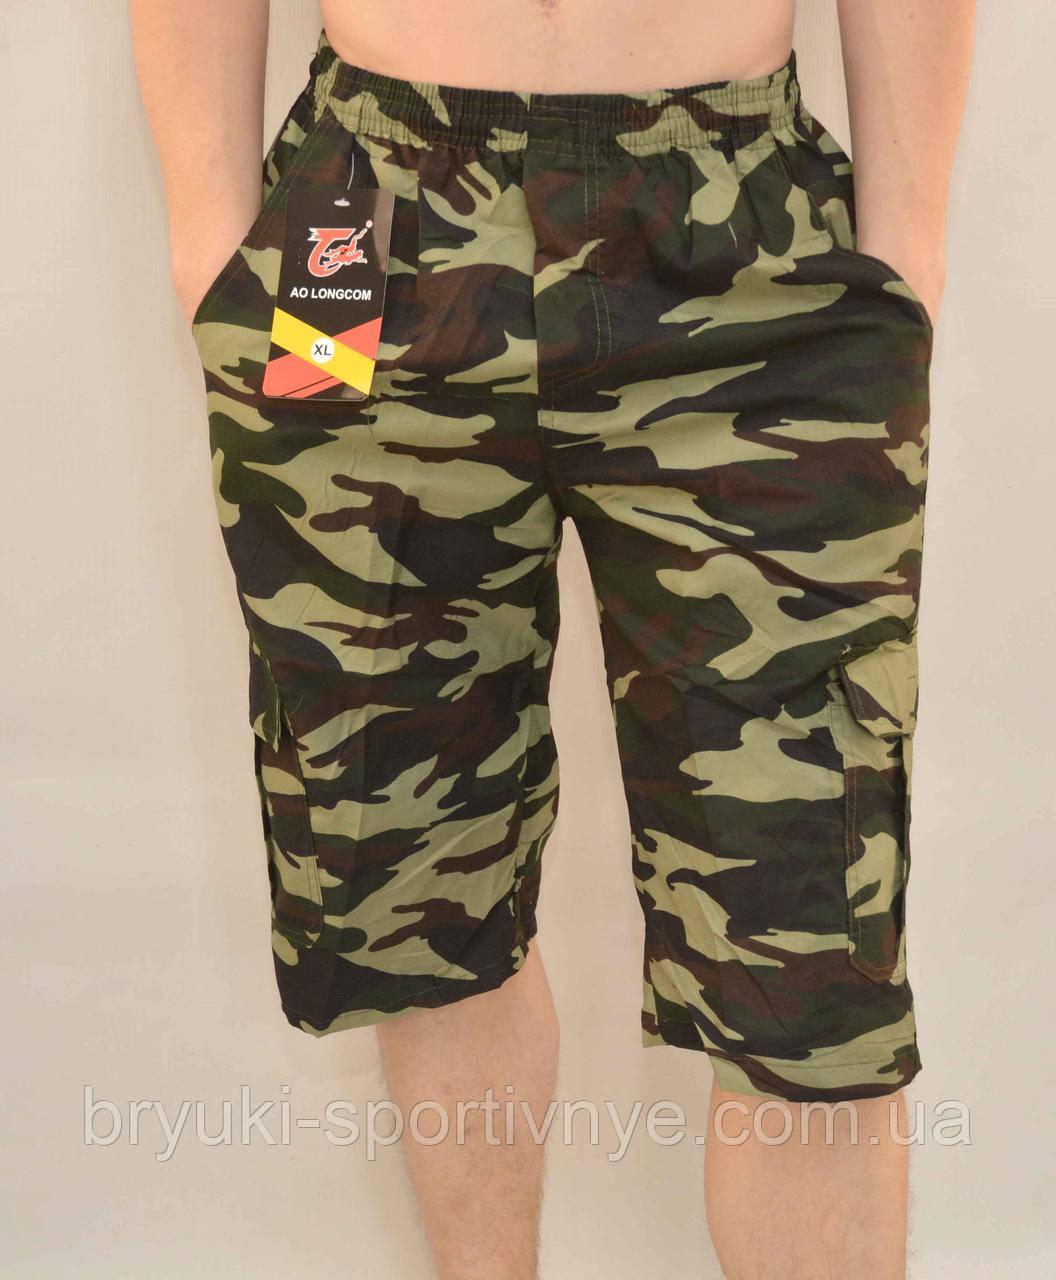 Бриджи мужские камуфляжные с накладными карманами XL - 5XL